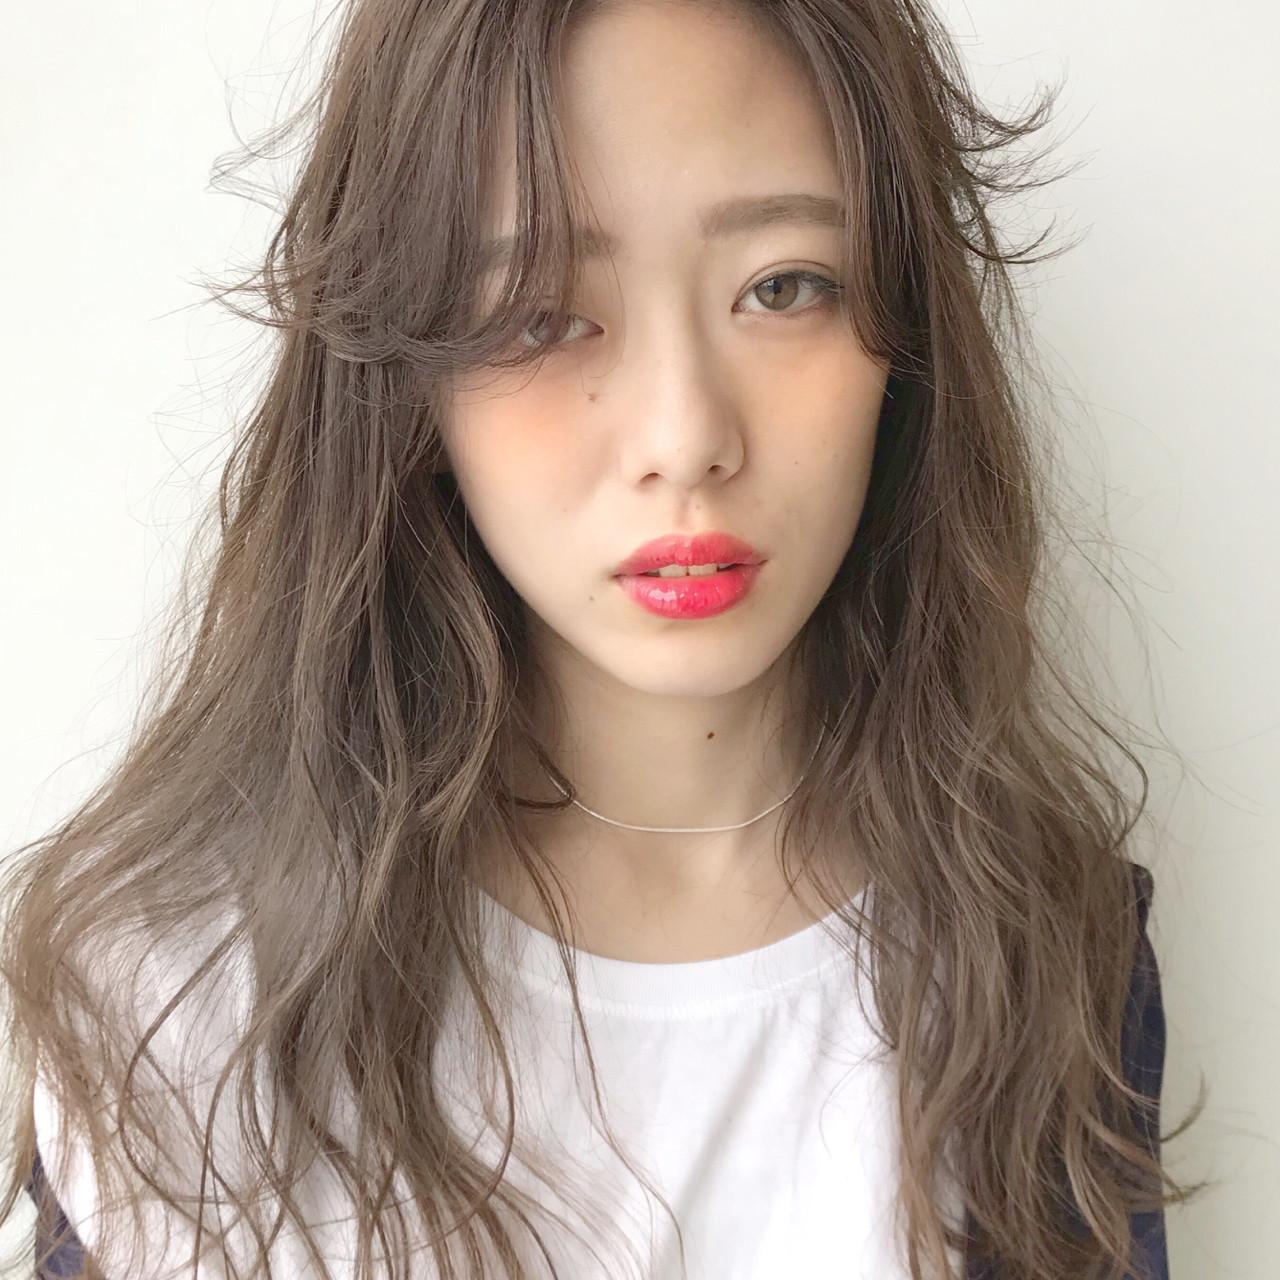 女子力 前髪あり アッシュ 抜け感 ヘアスタイルや髪型の写真・画像